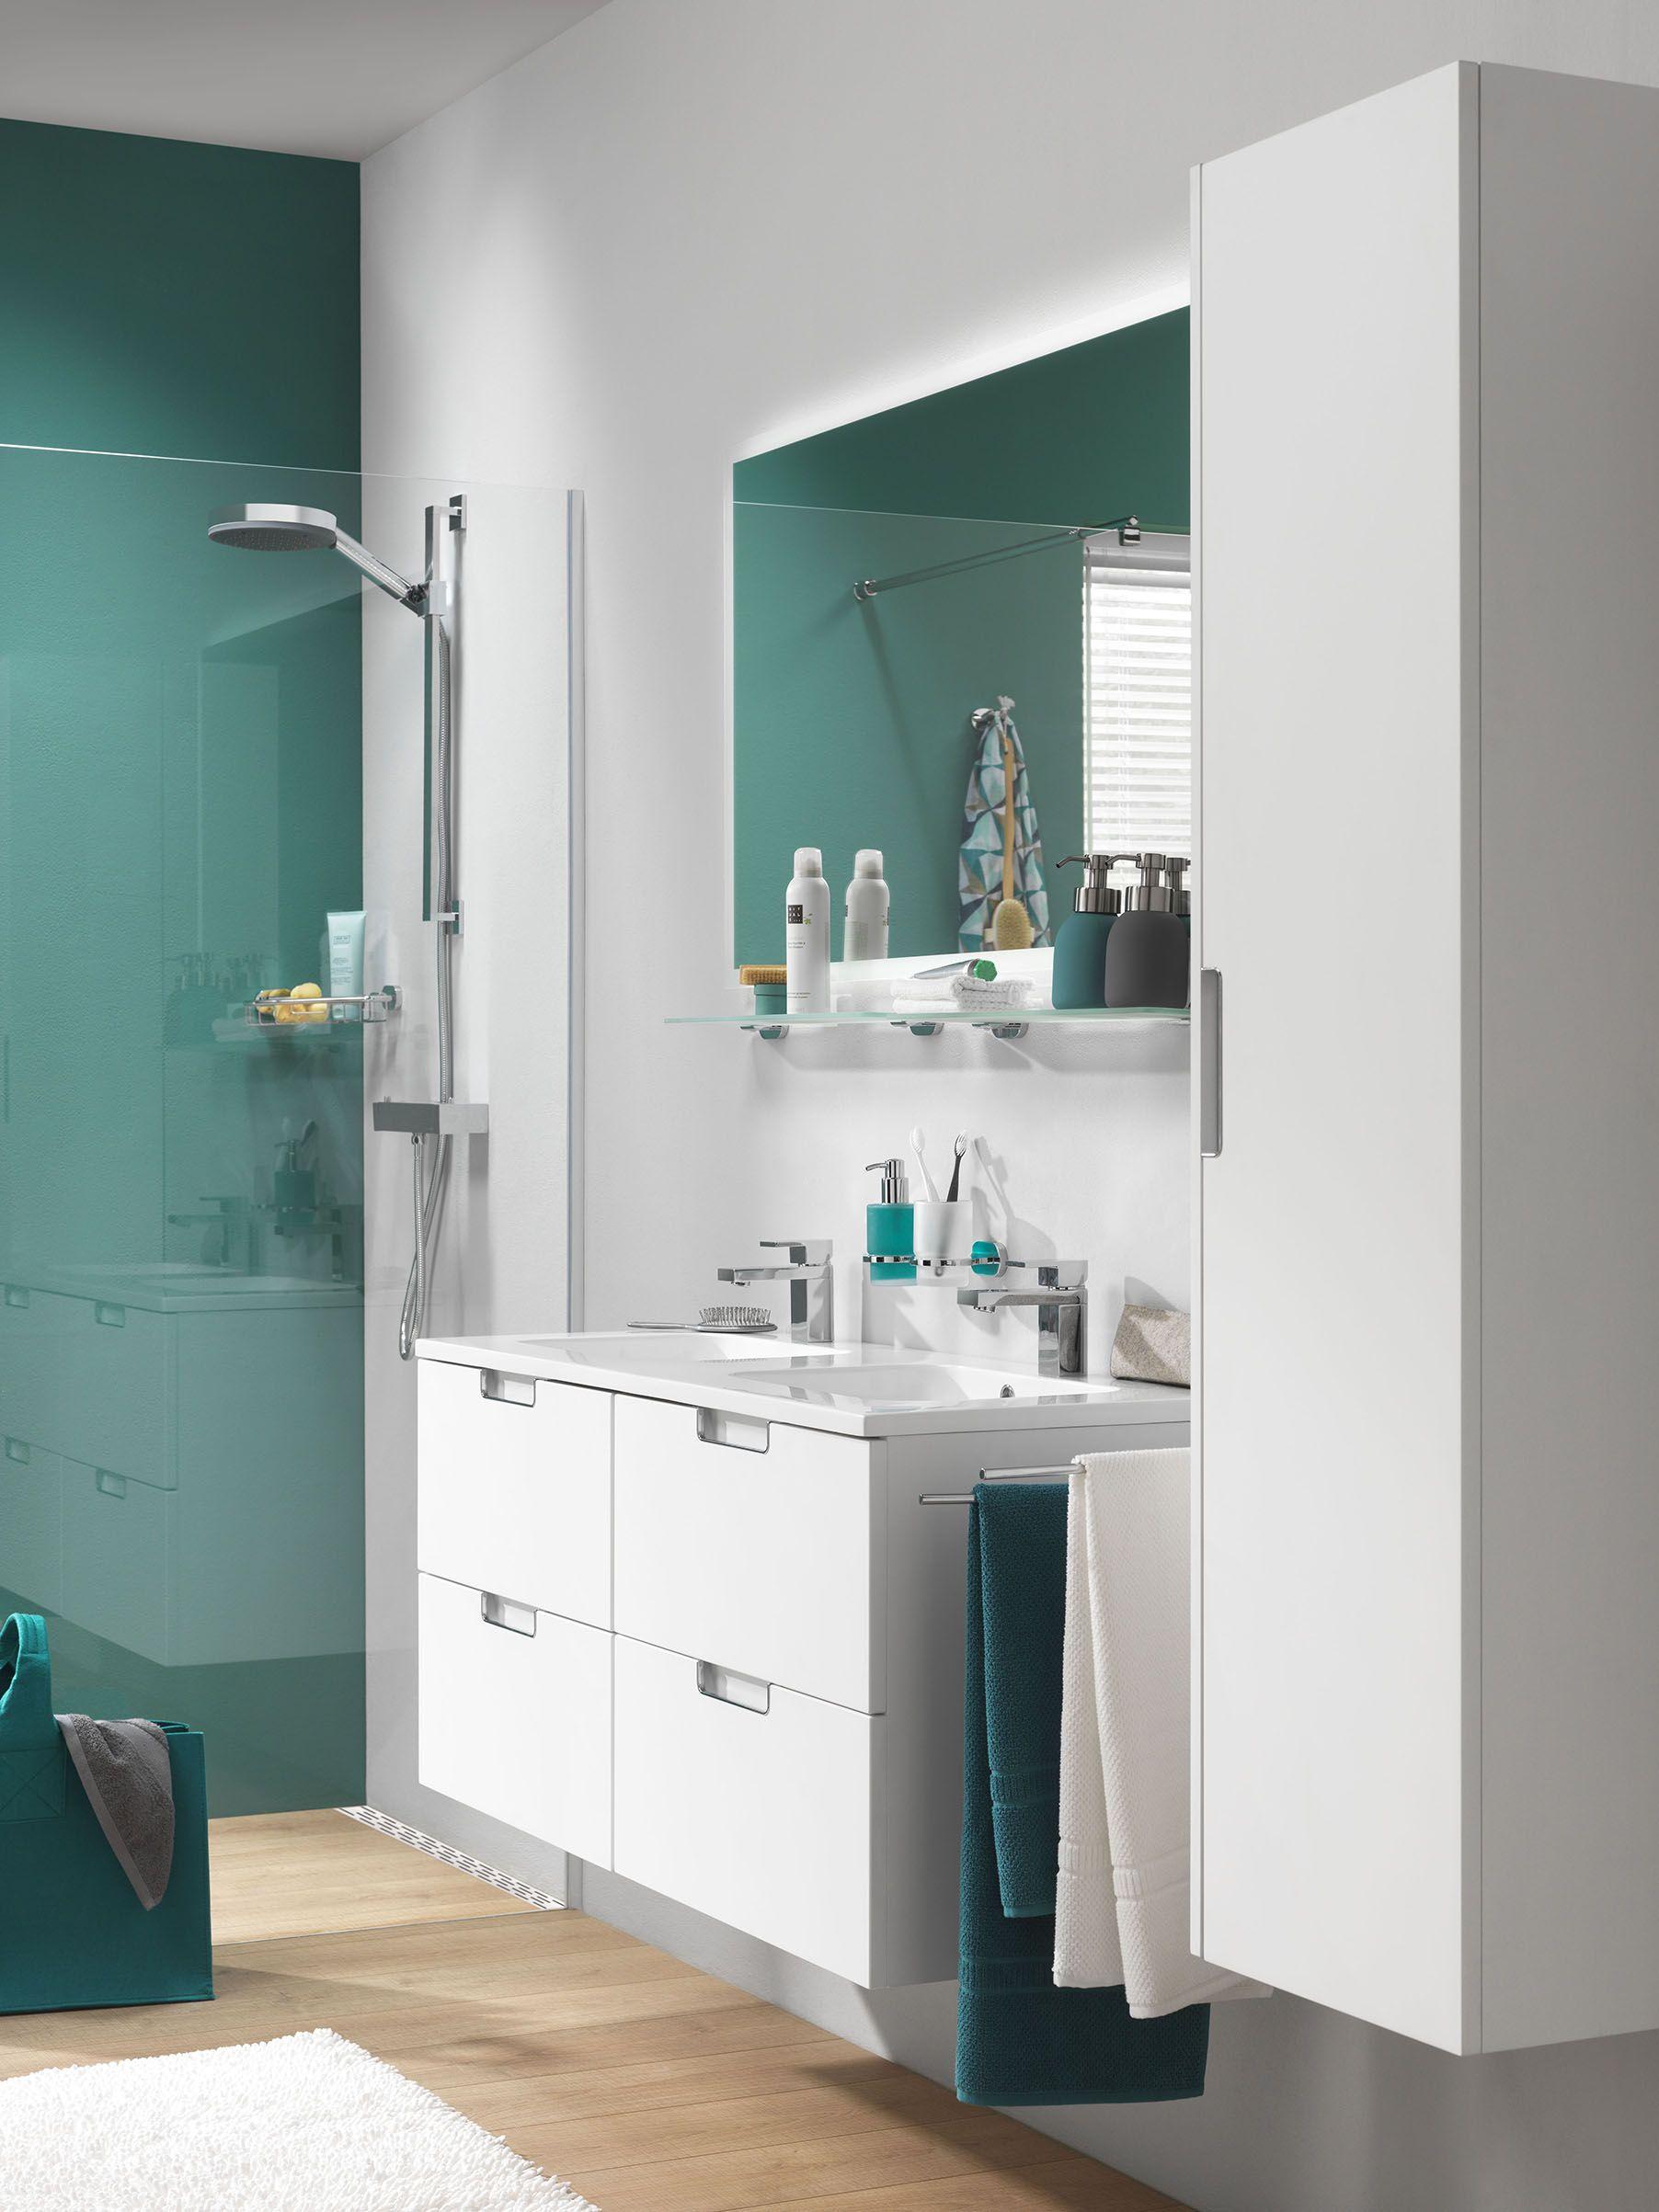 Lucca Wastafelonderkast Kolomkast Spiegel Kleur Wit Bathroom Mirror Lighted Bathroom Mirror Bathroom